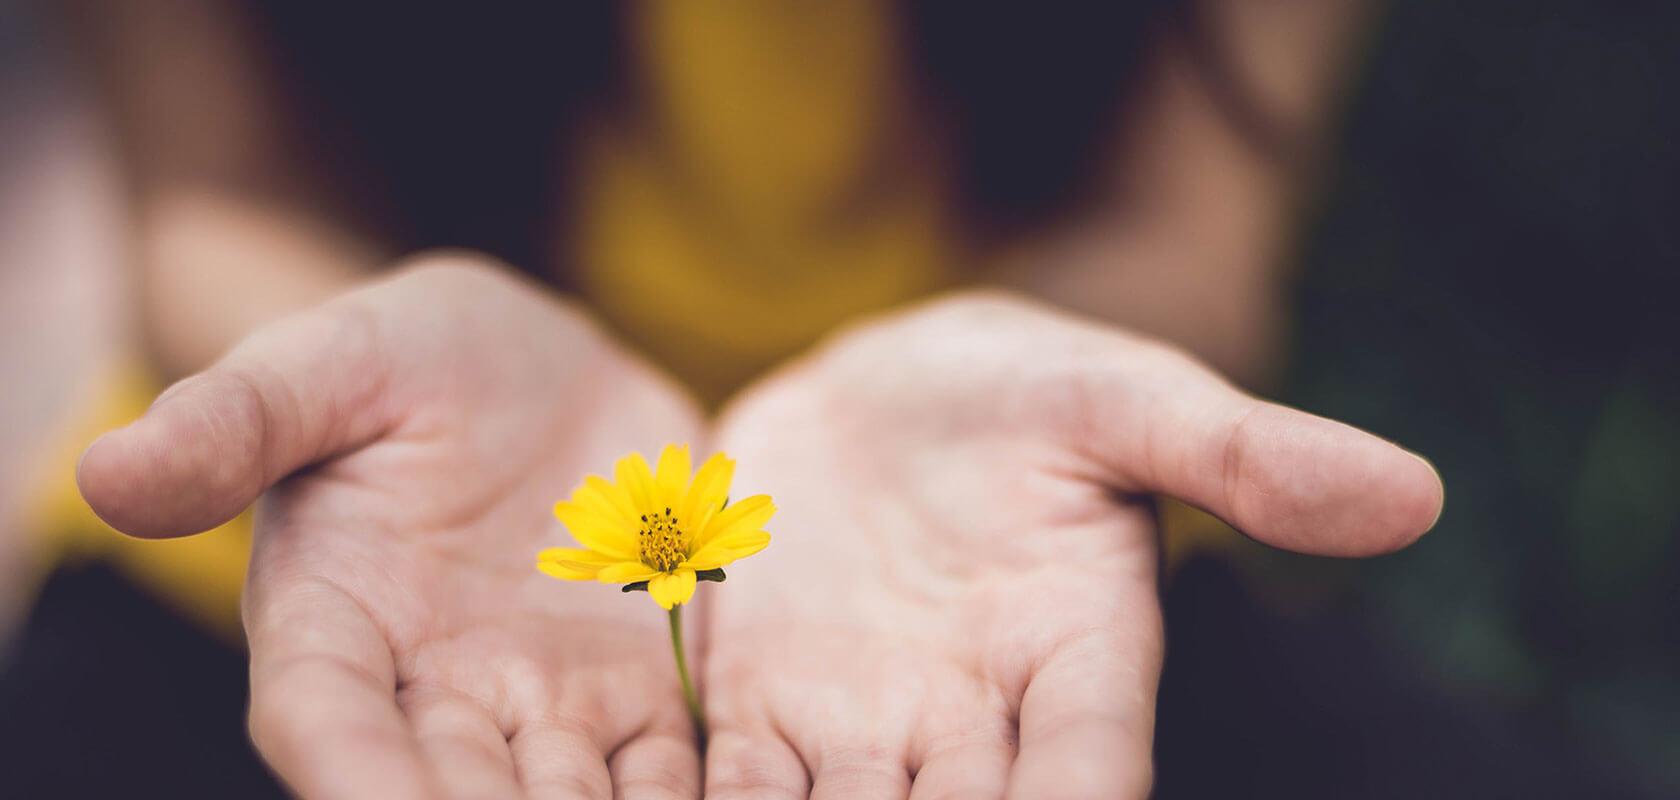 Mains ouvertes présentant une fleur jaune